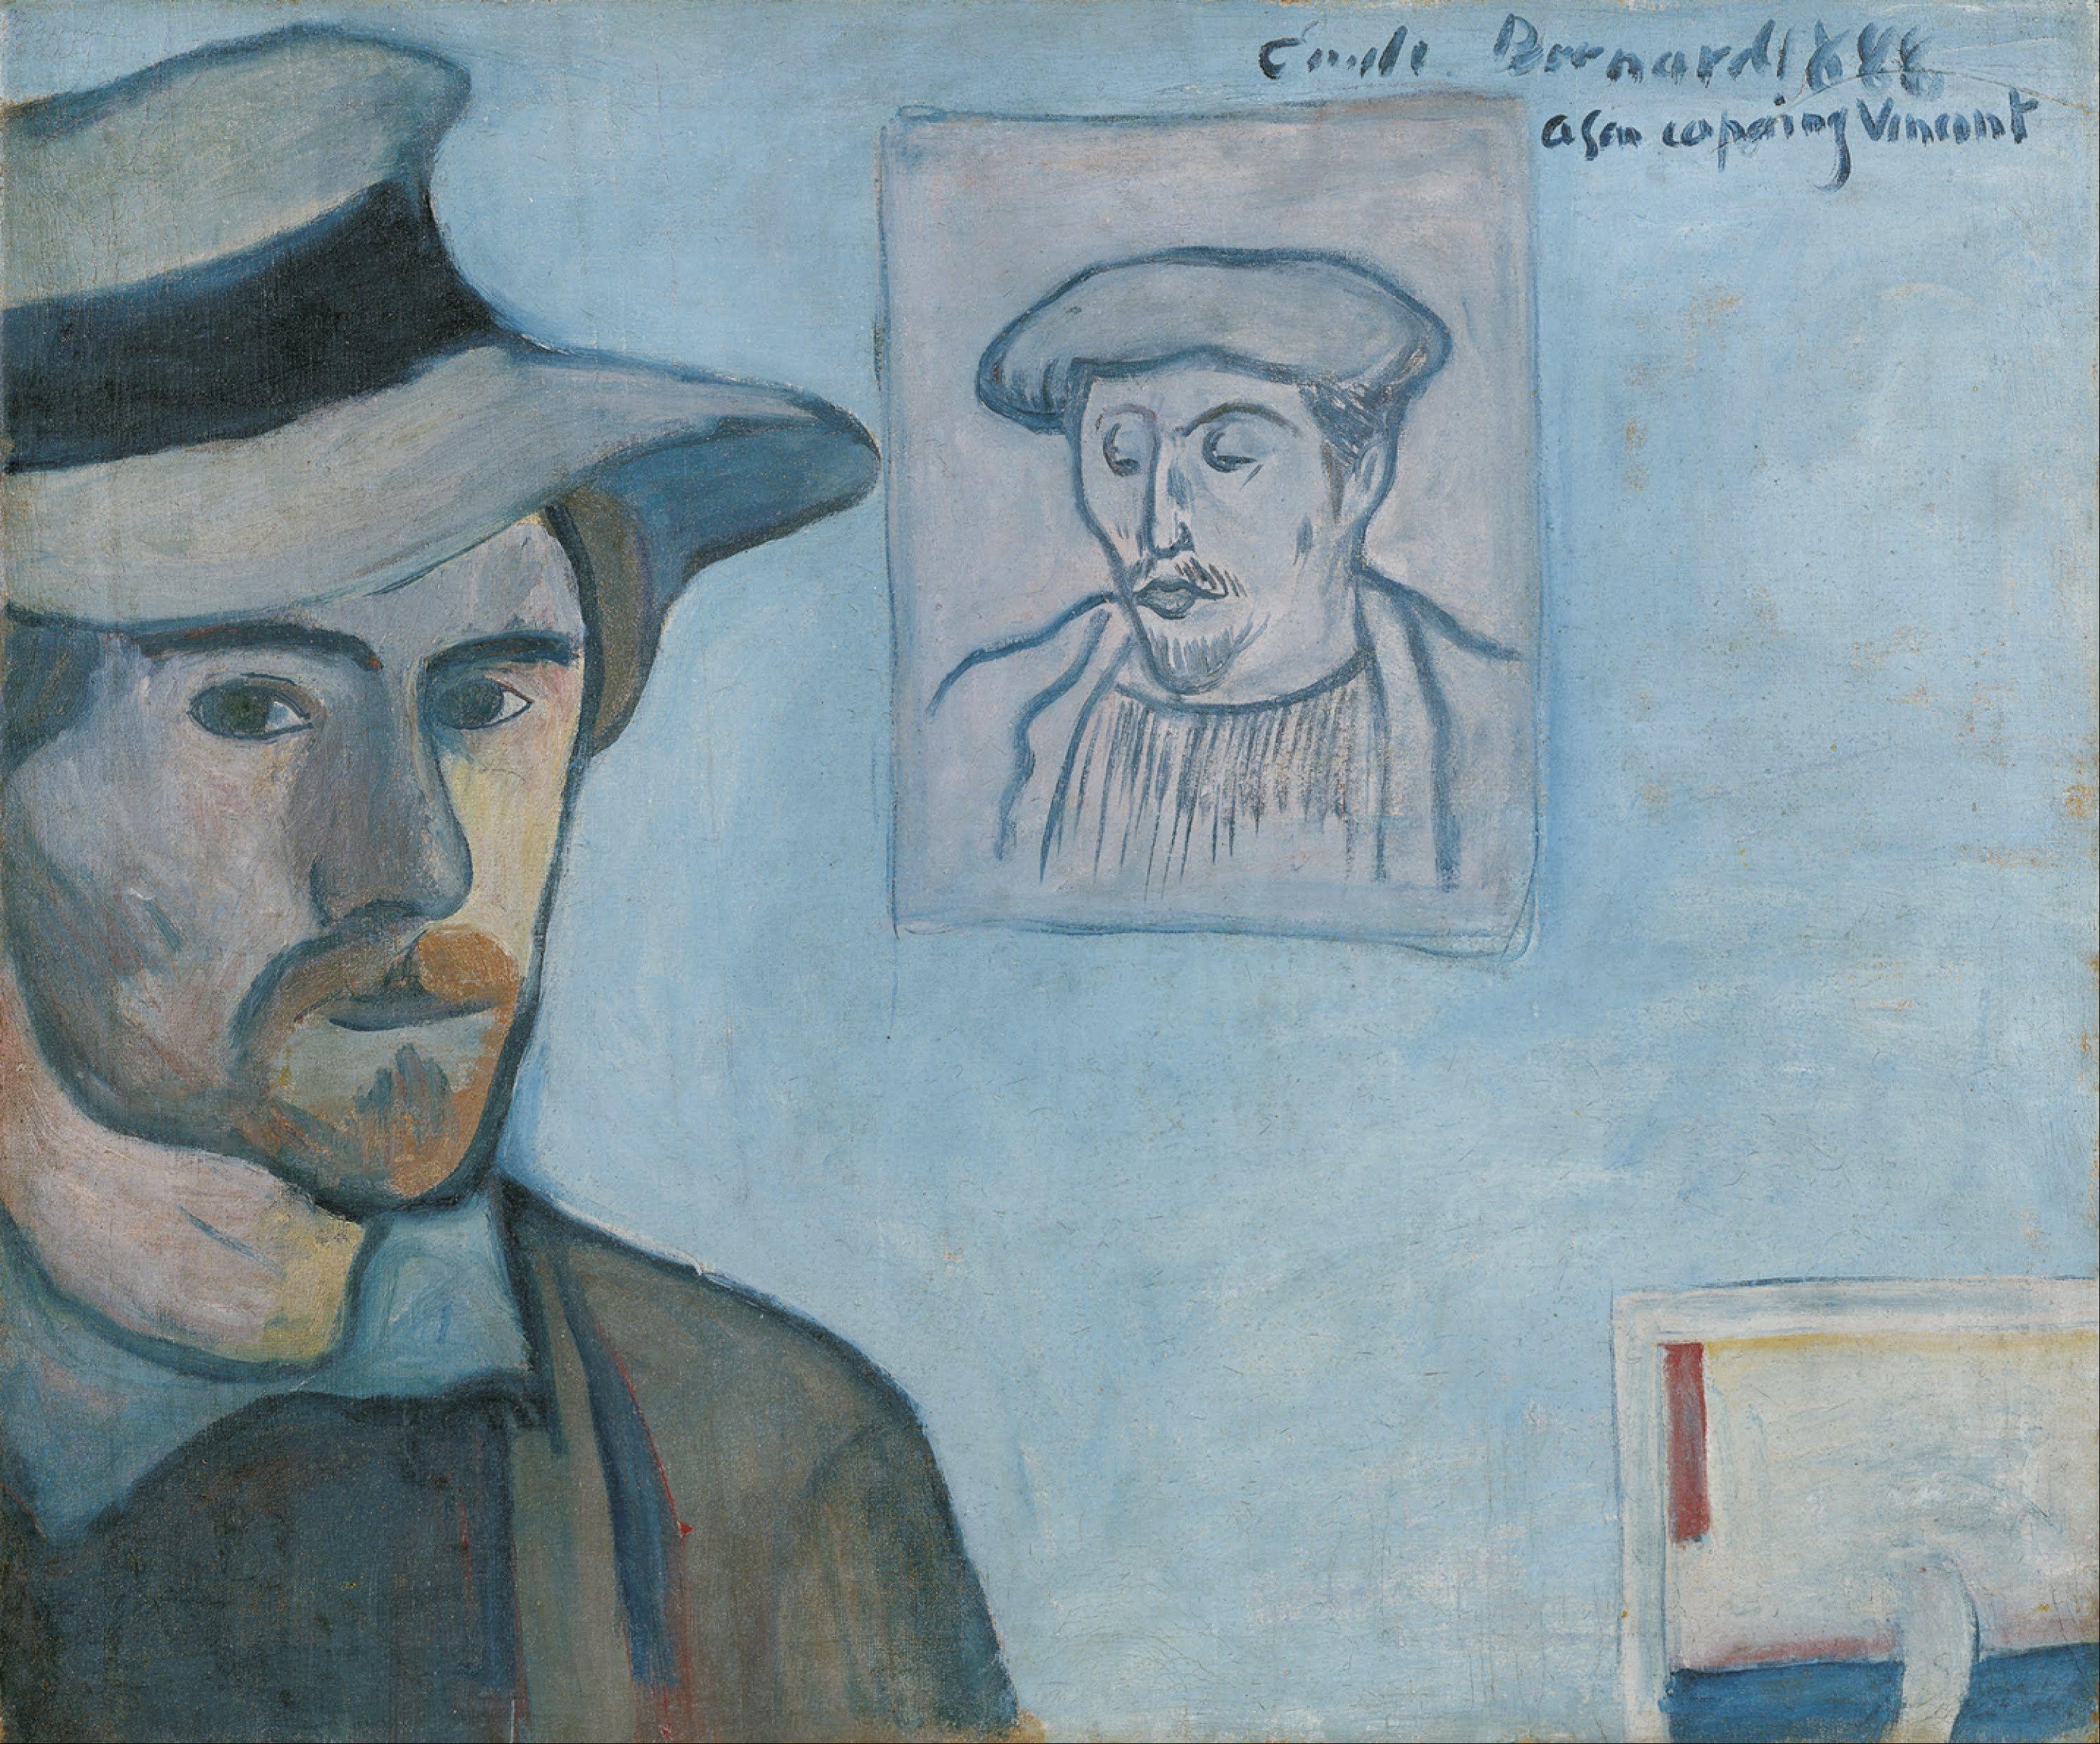 BERNARD Emile,1888 - Self-portrait with portrait of Gauguin